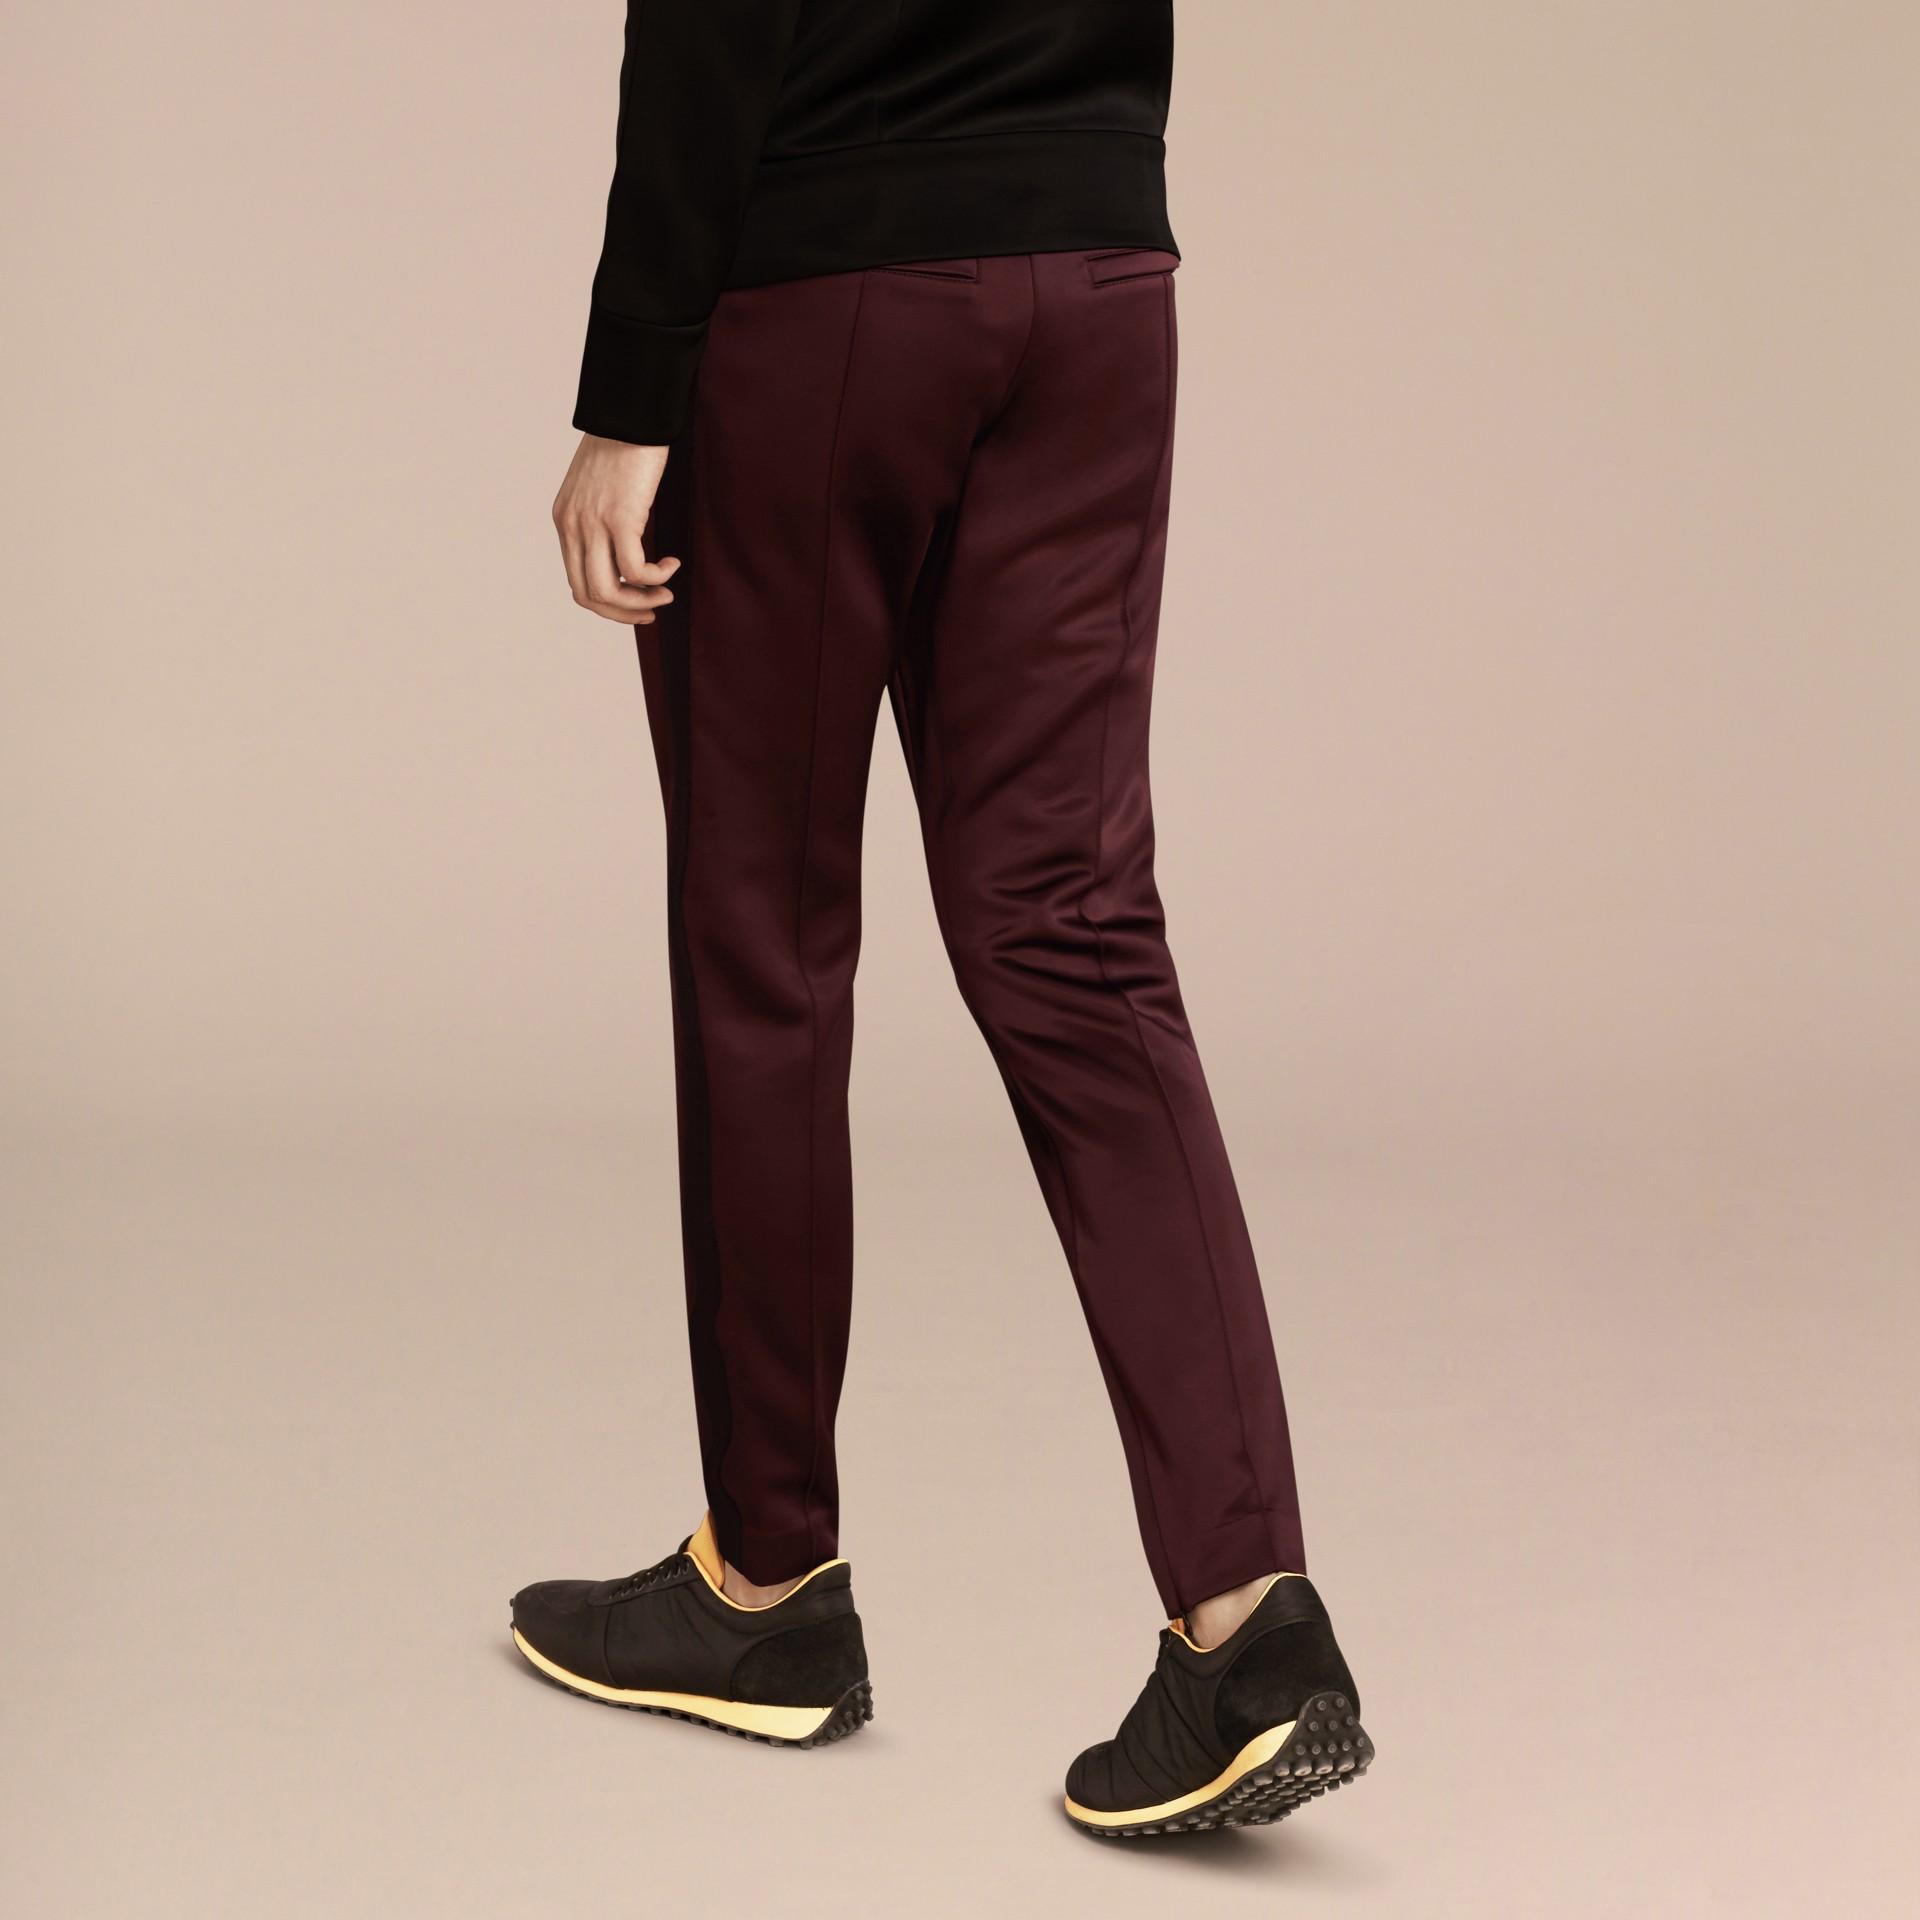 Viola granata Pantaloni tuta in tessuto lucido Viola Granata - immagine della galleria 3